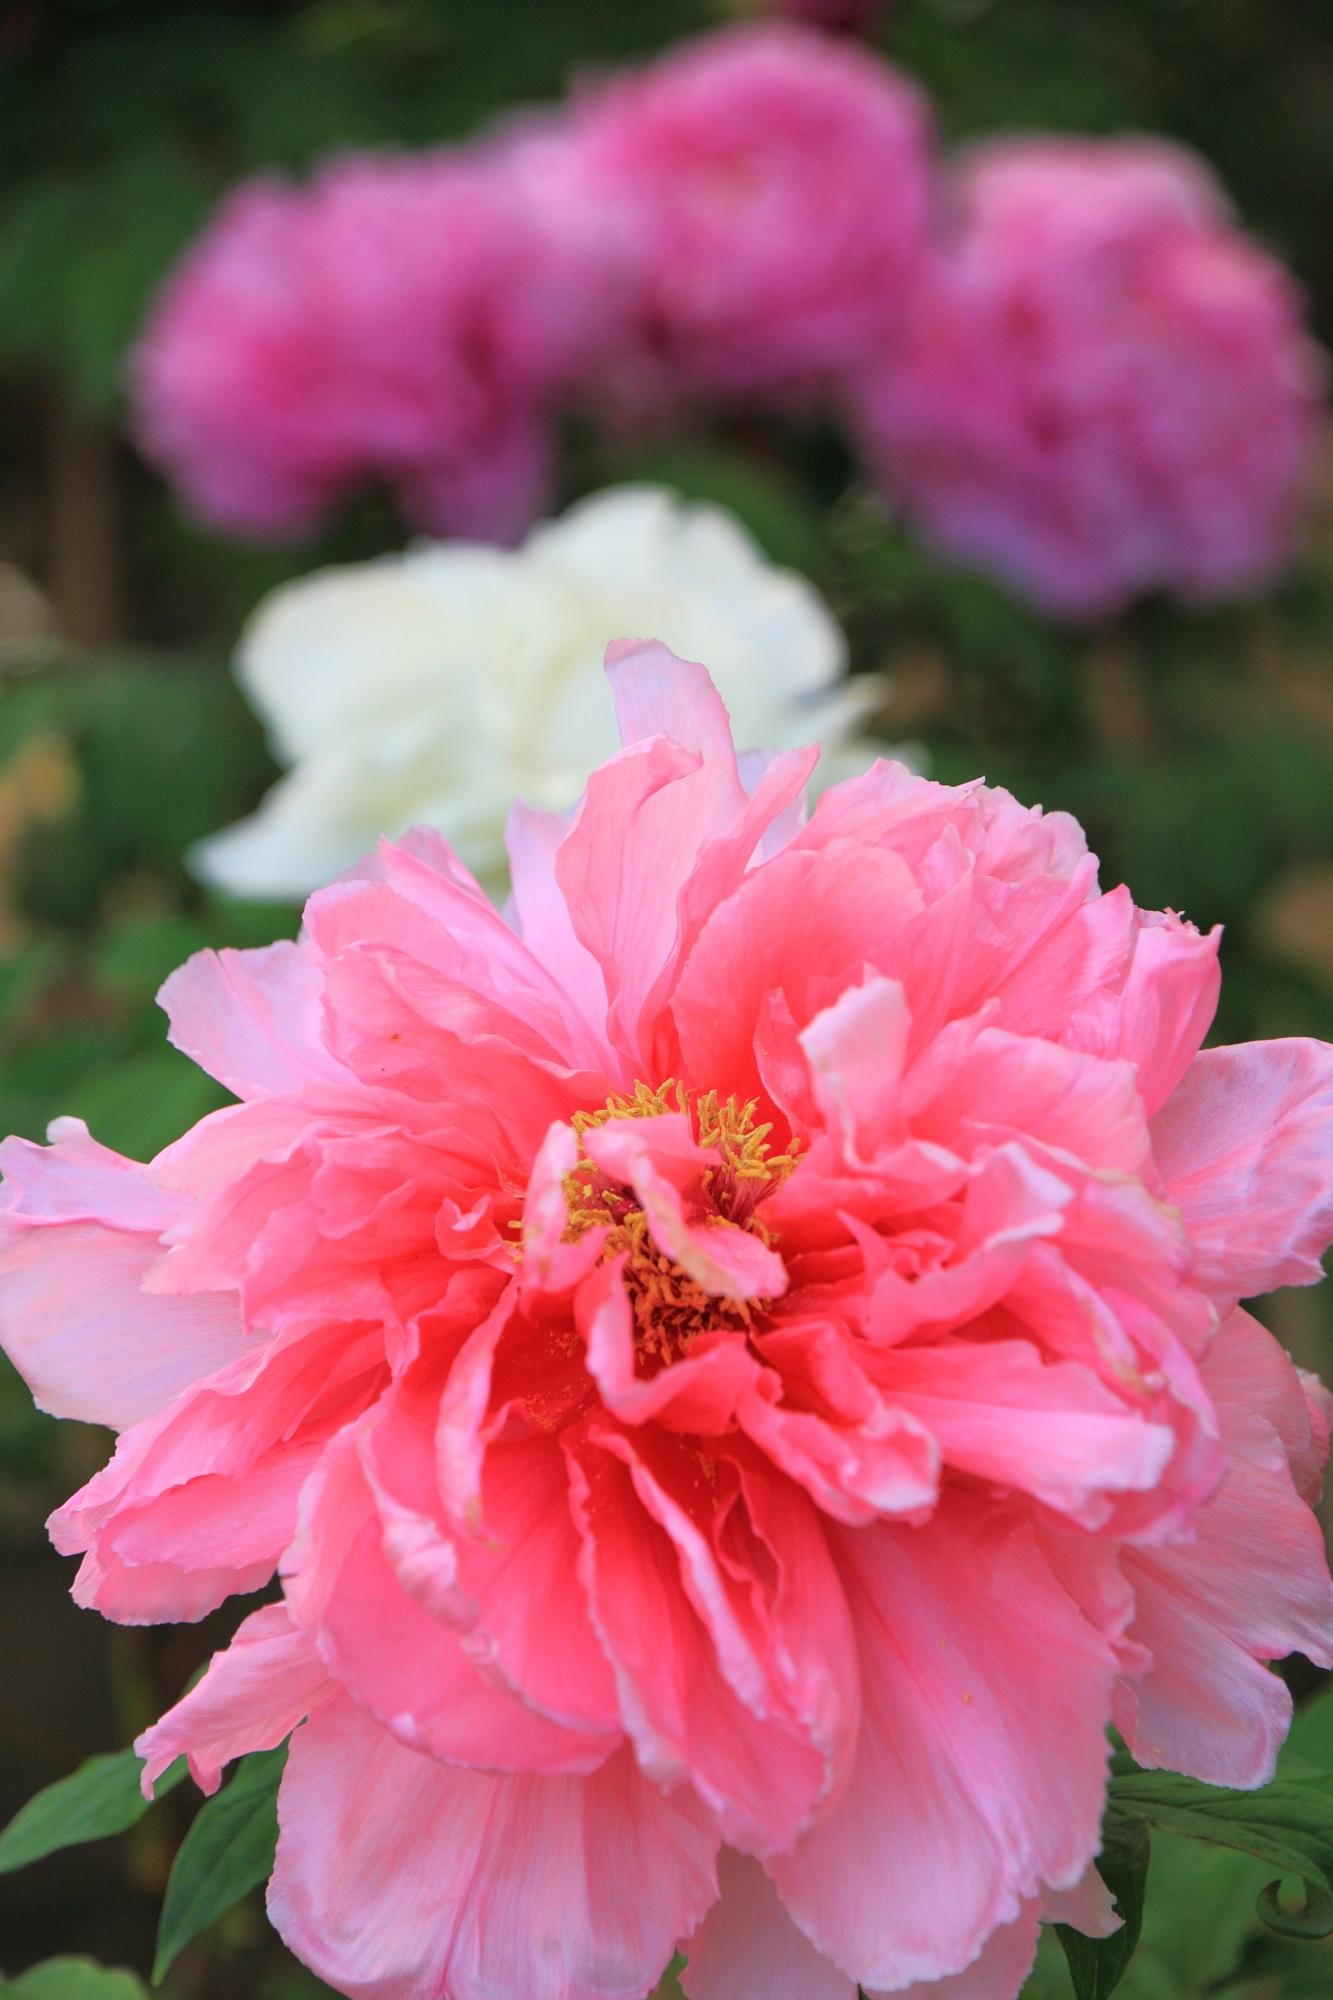 花びら一枚一枚は繊細な造りのボタンの花